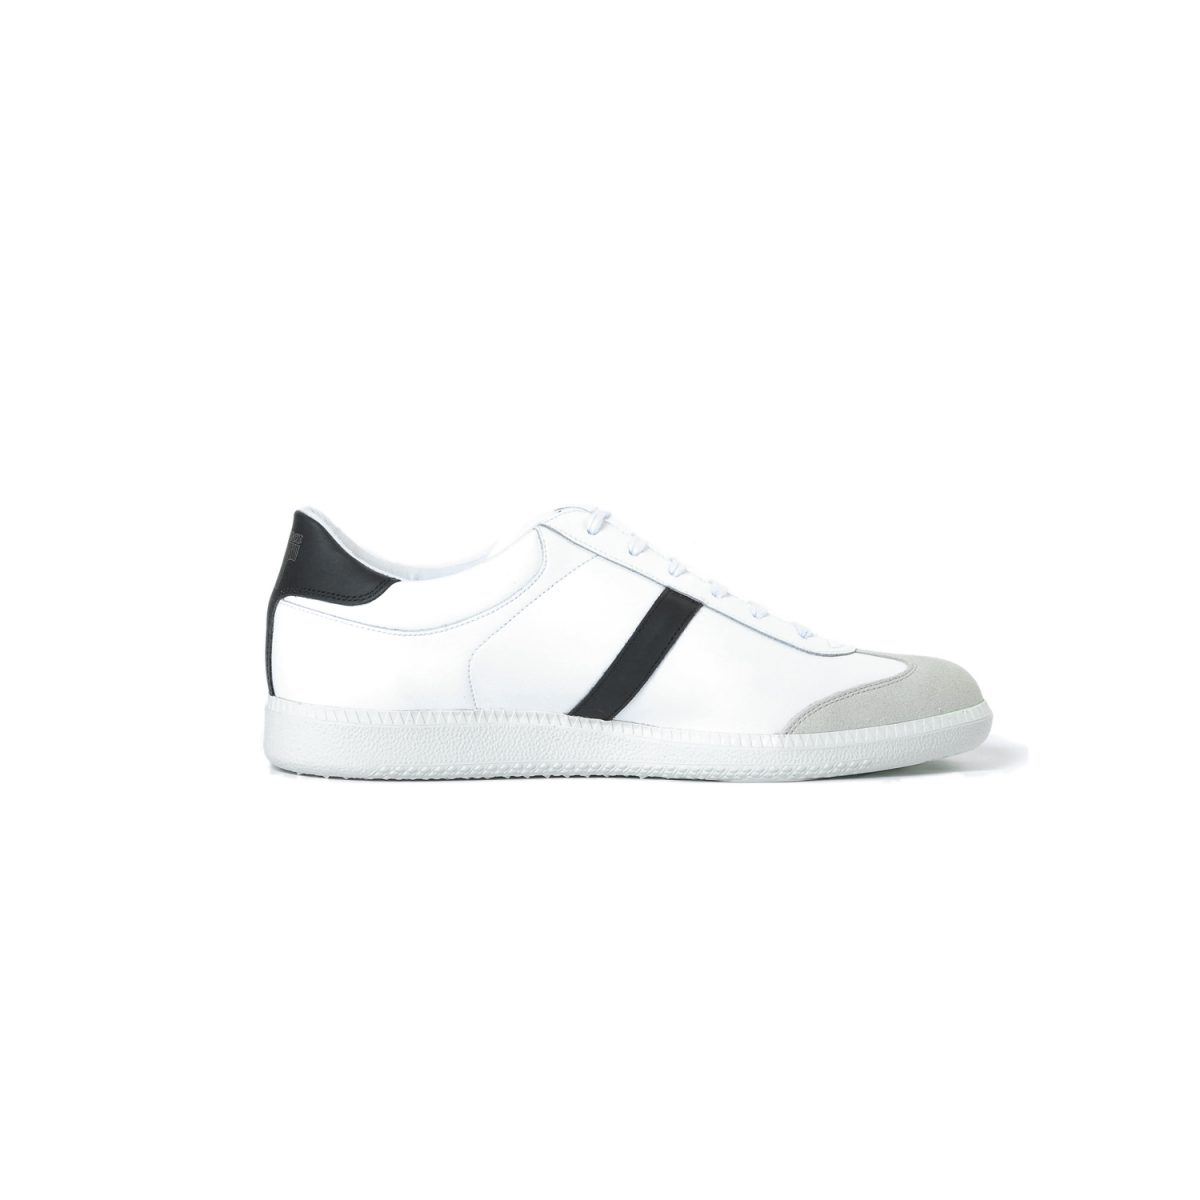 Fehér-fekete jubileumi limitált (sorszámozott) — Compakt — Tisza Cipő® 9925e0e5c0